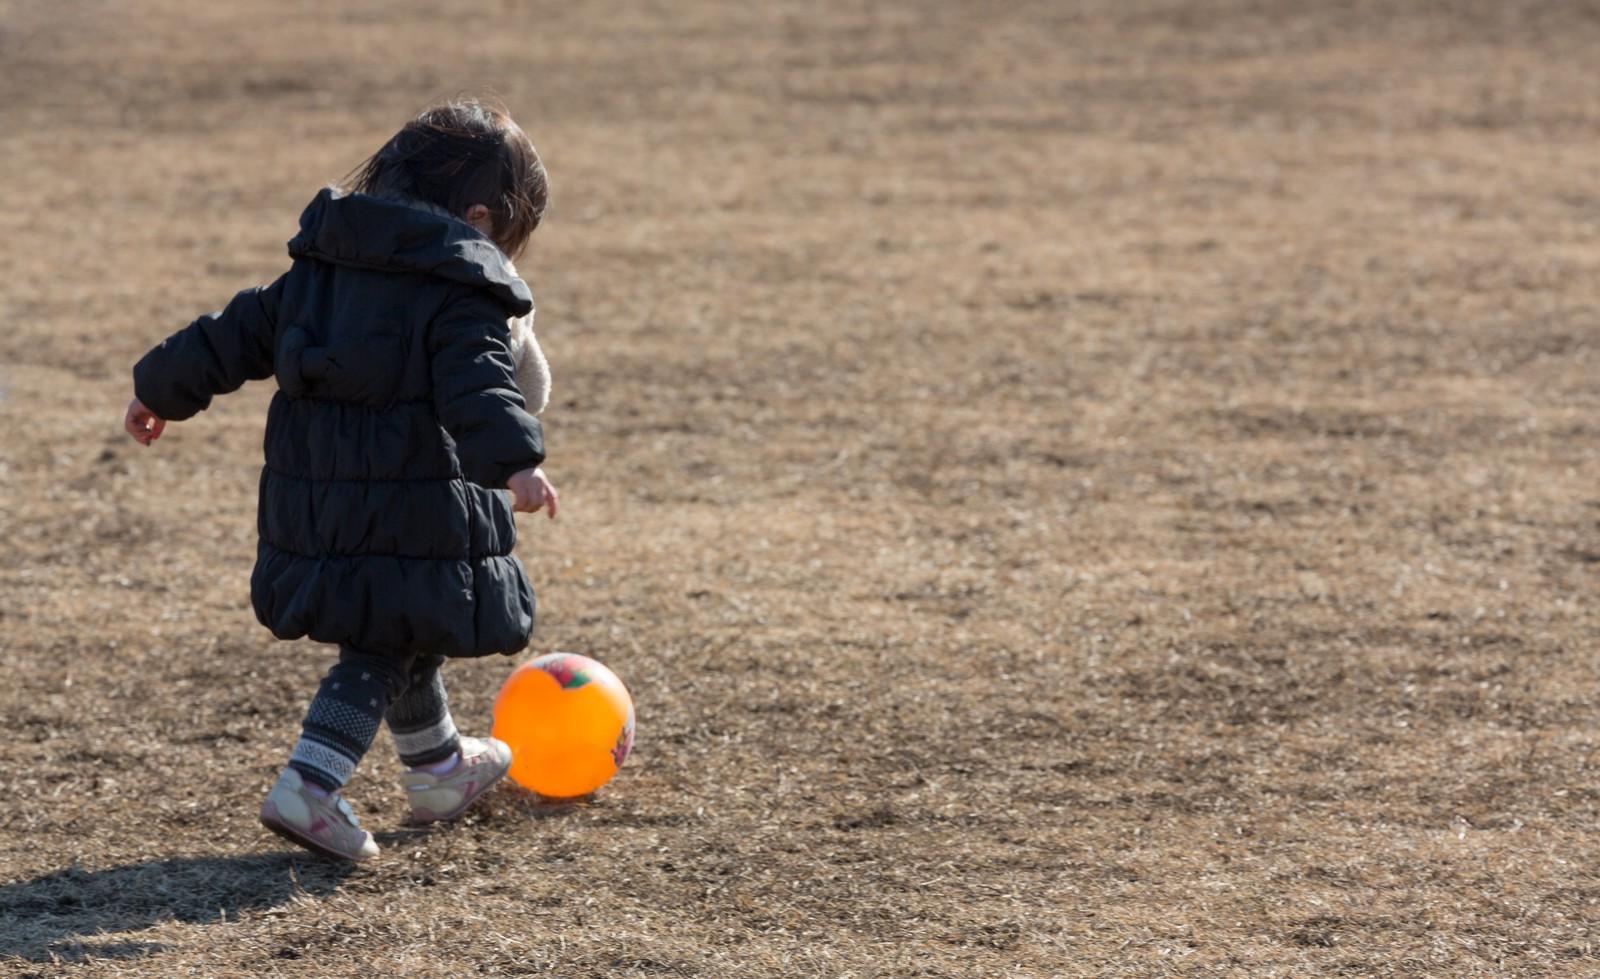 子どもが外遊びする時間は「減少した」が92.0%! 保護者対象、外遊び